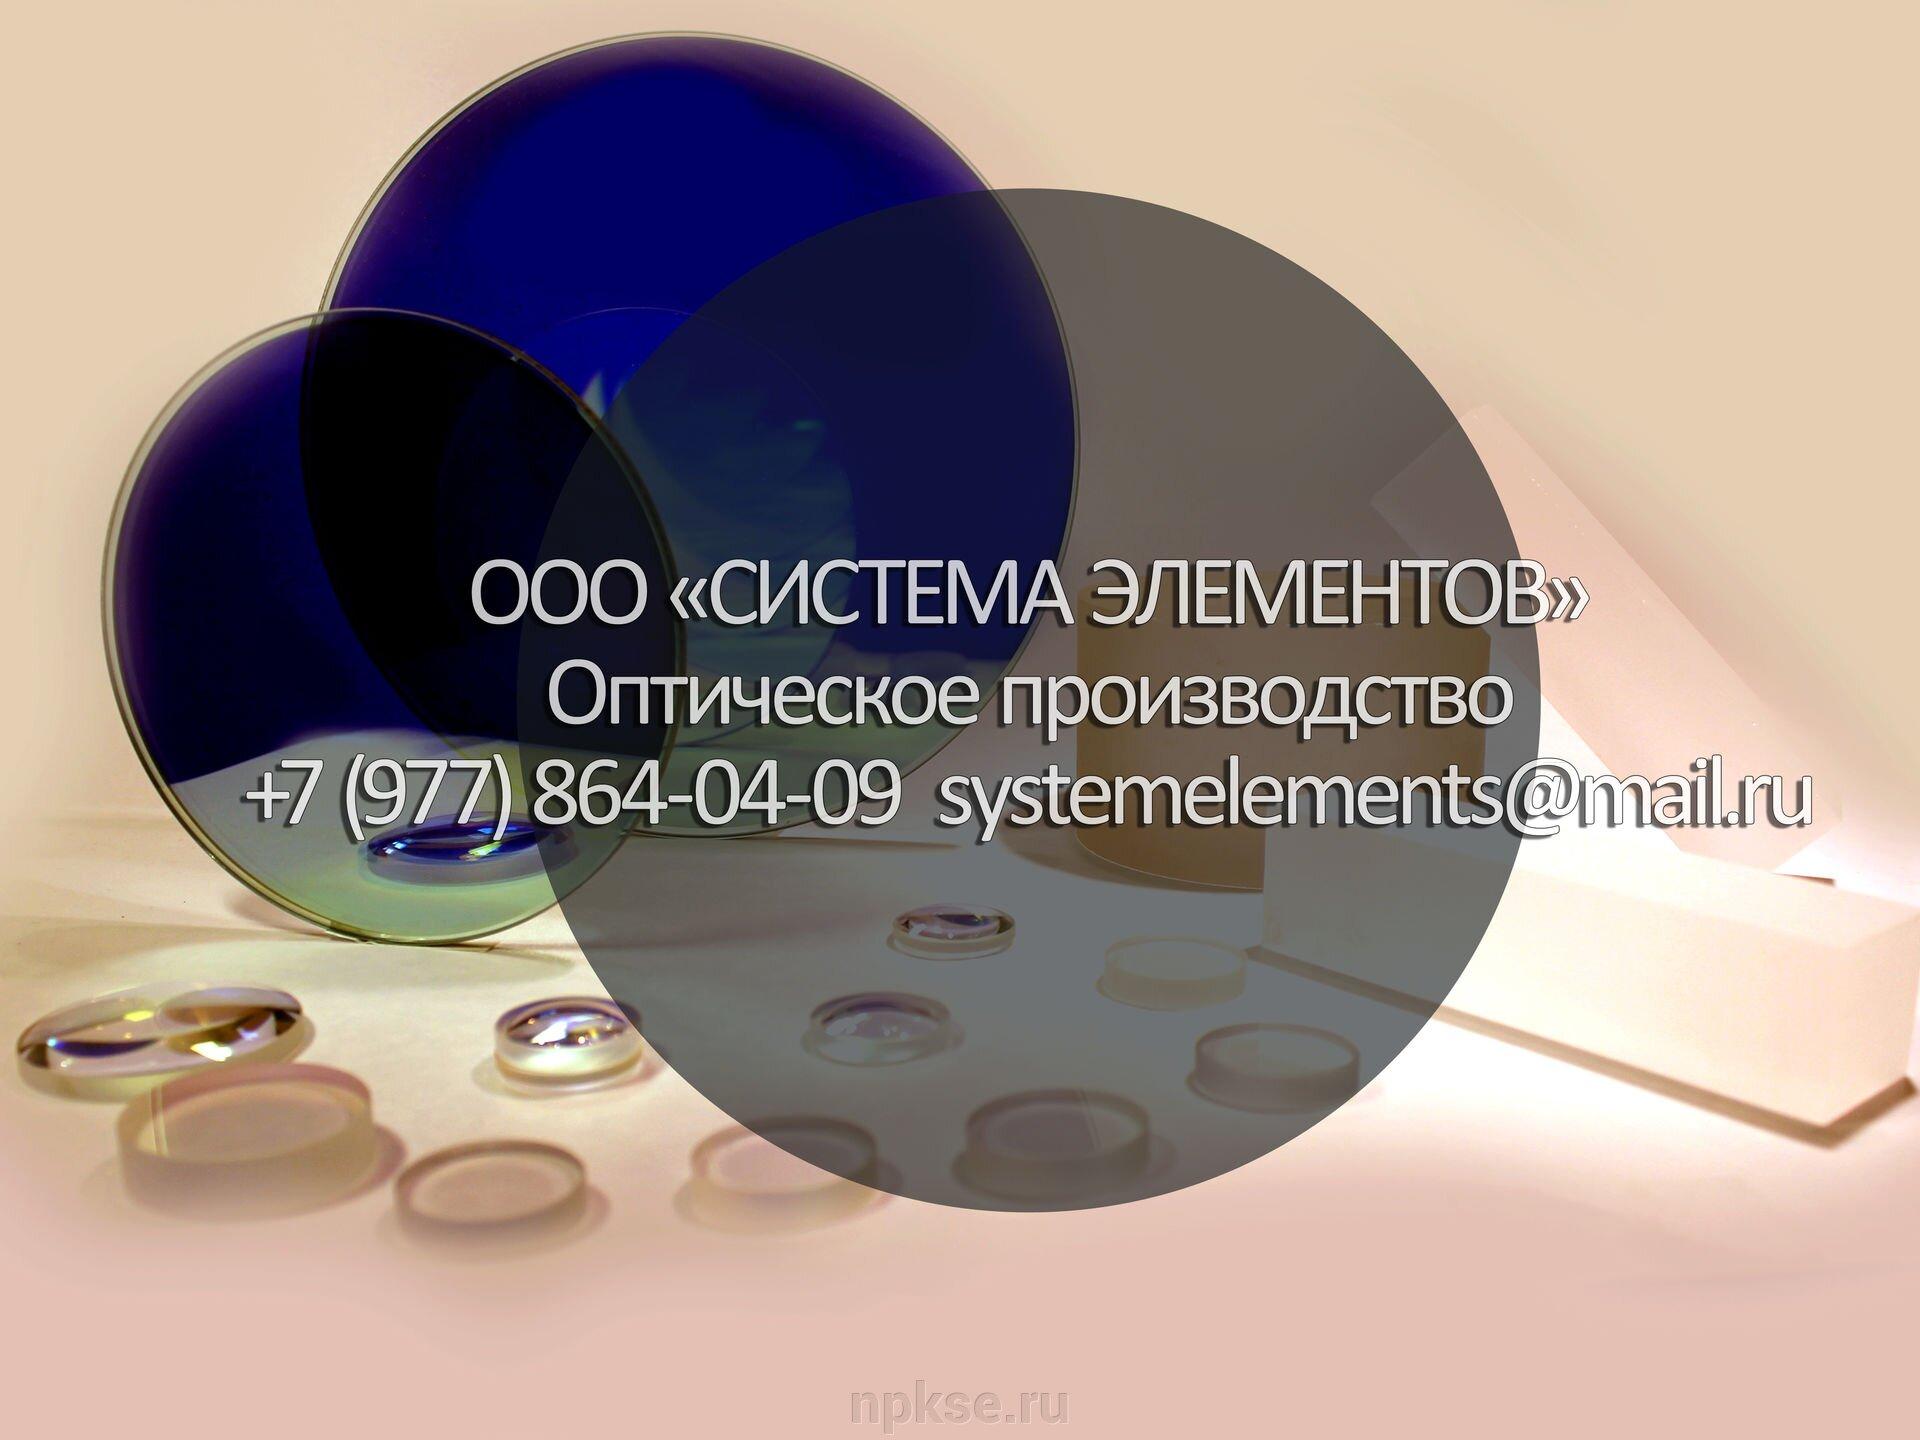 Оптическое производство Система элементов ООО